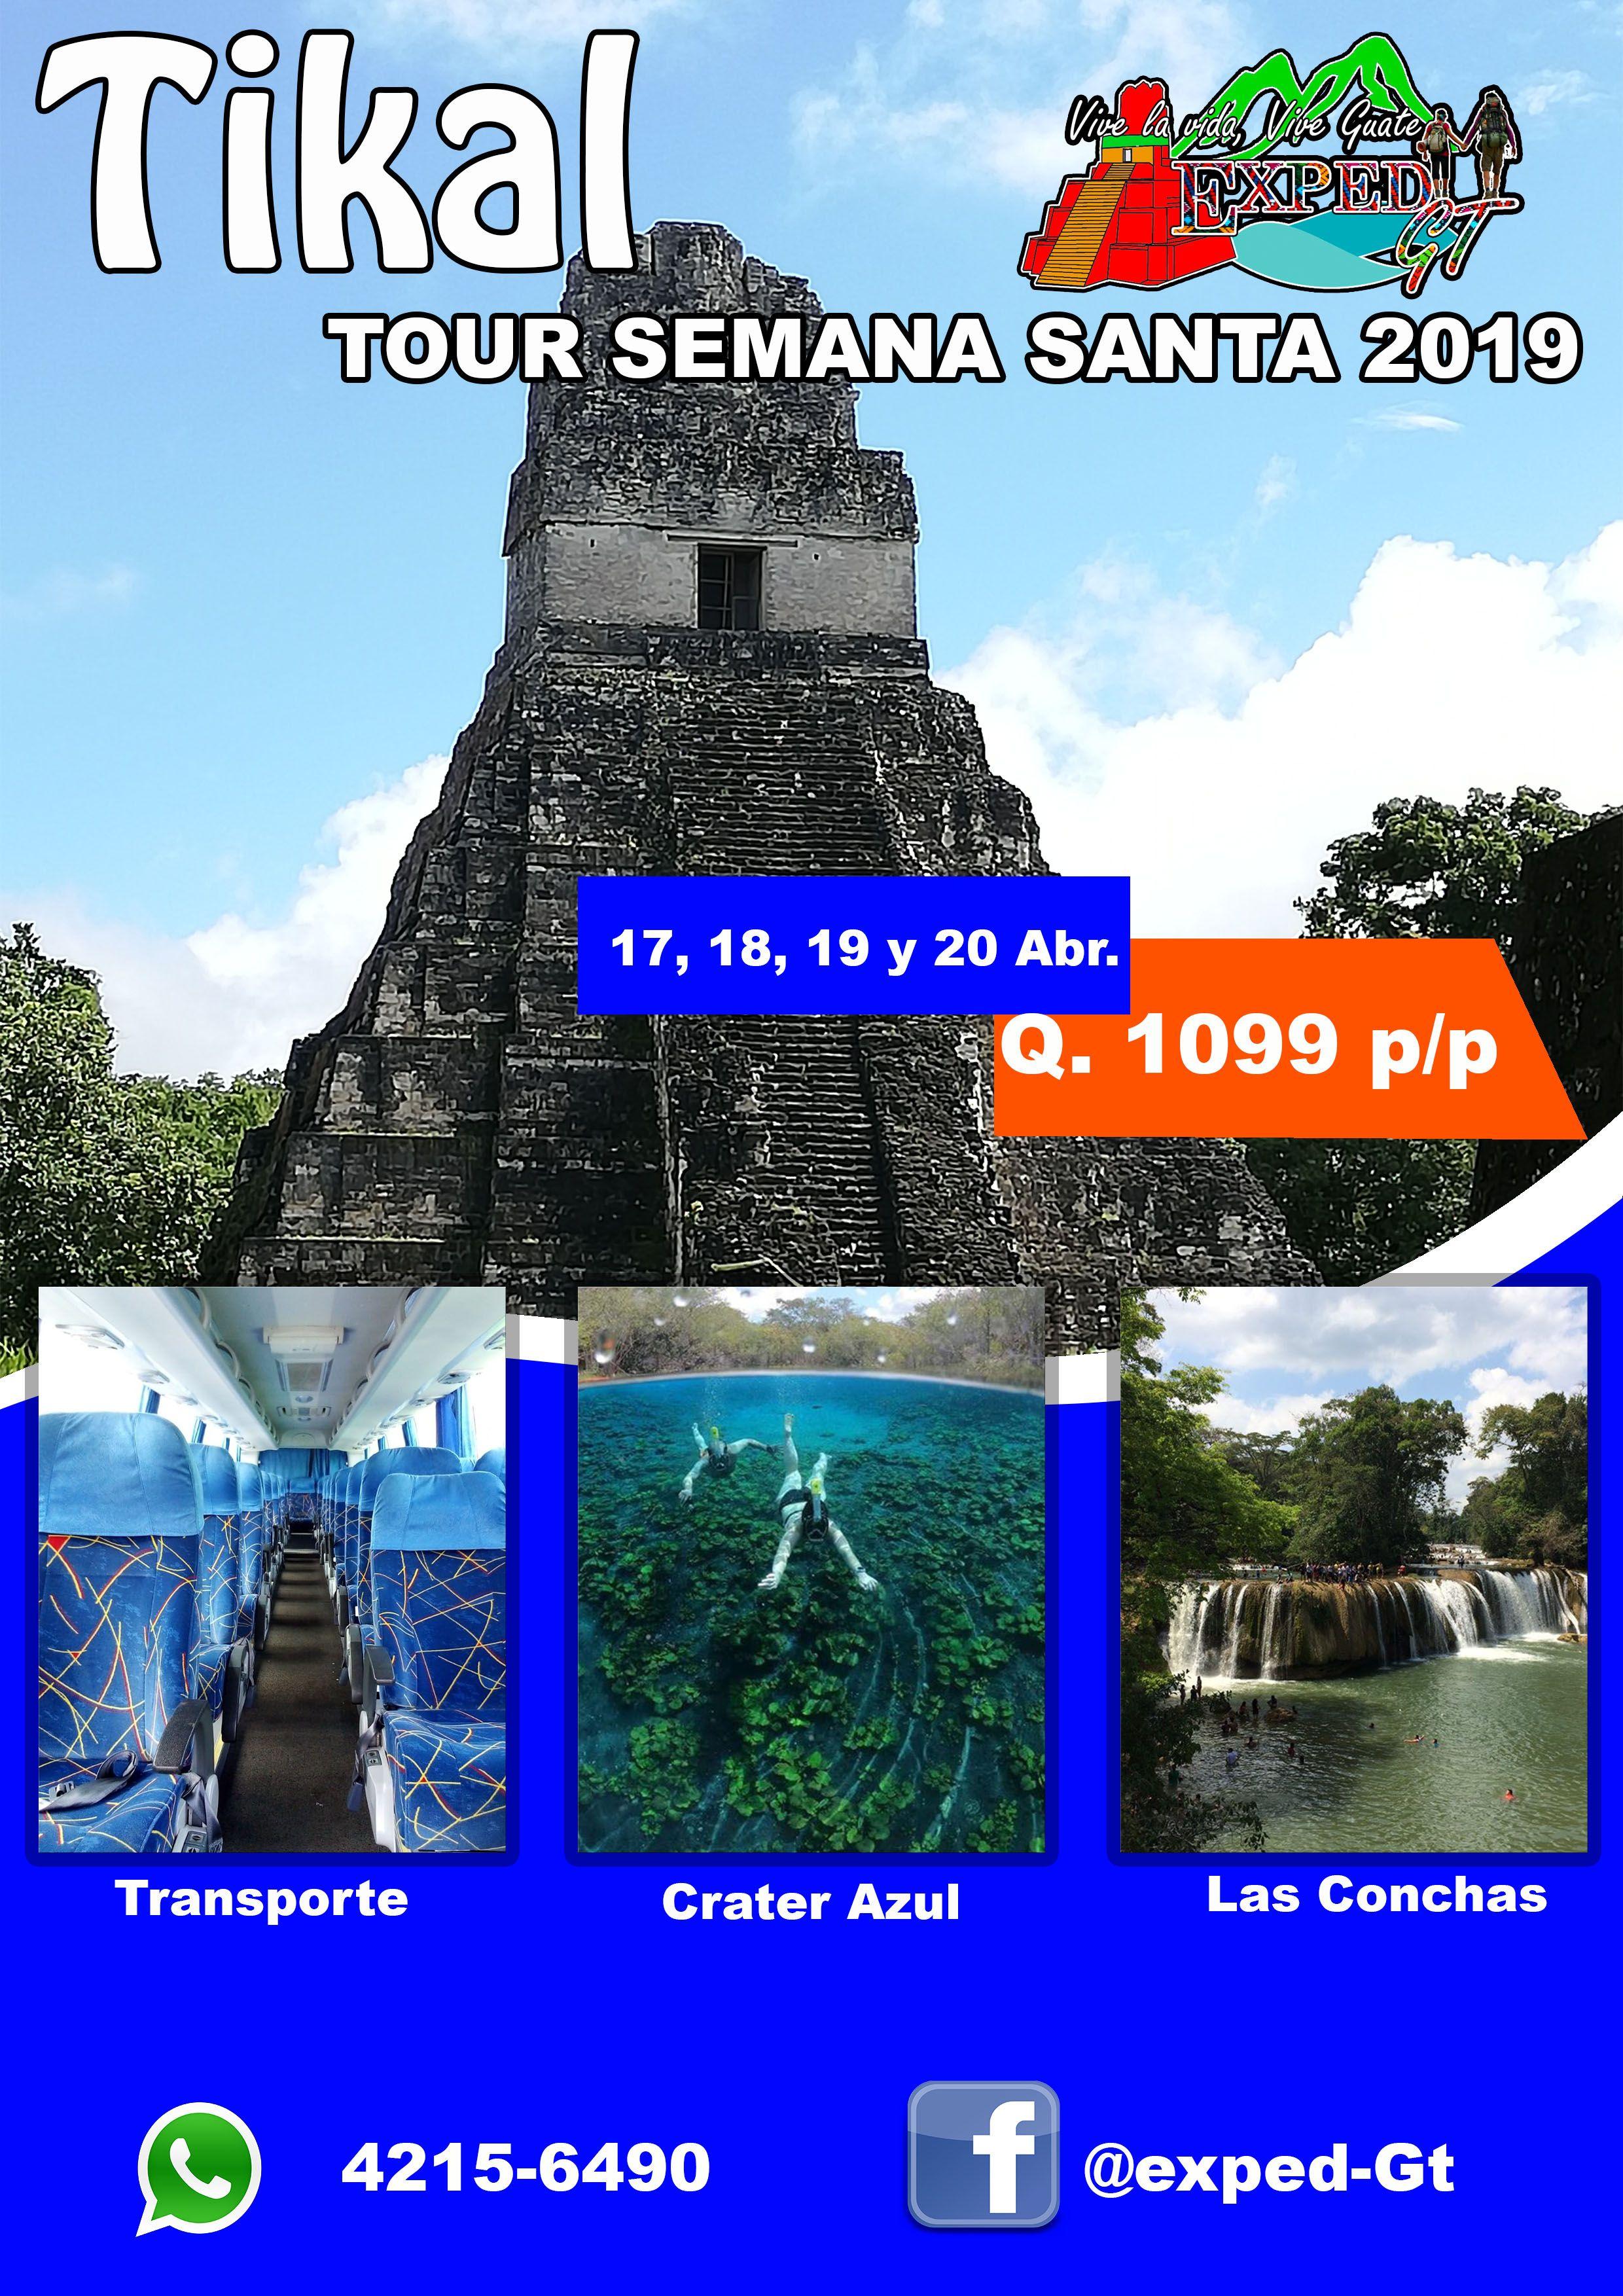 TOUR SEMANA SANTA 2019